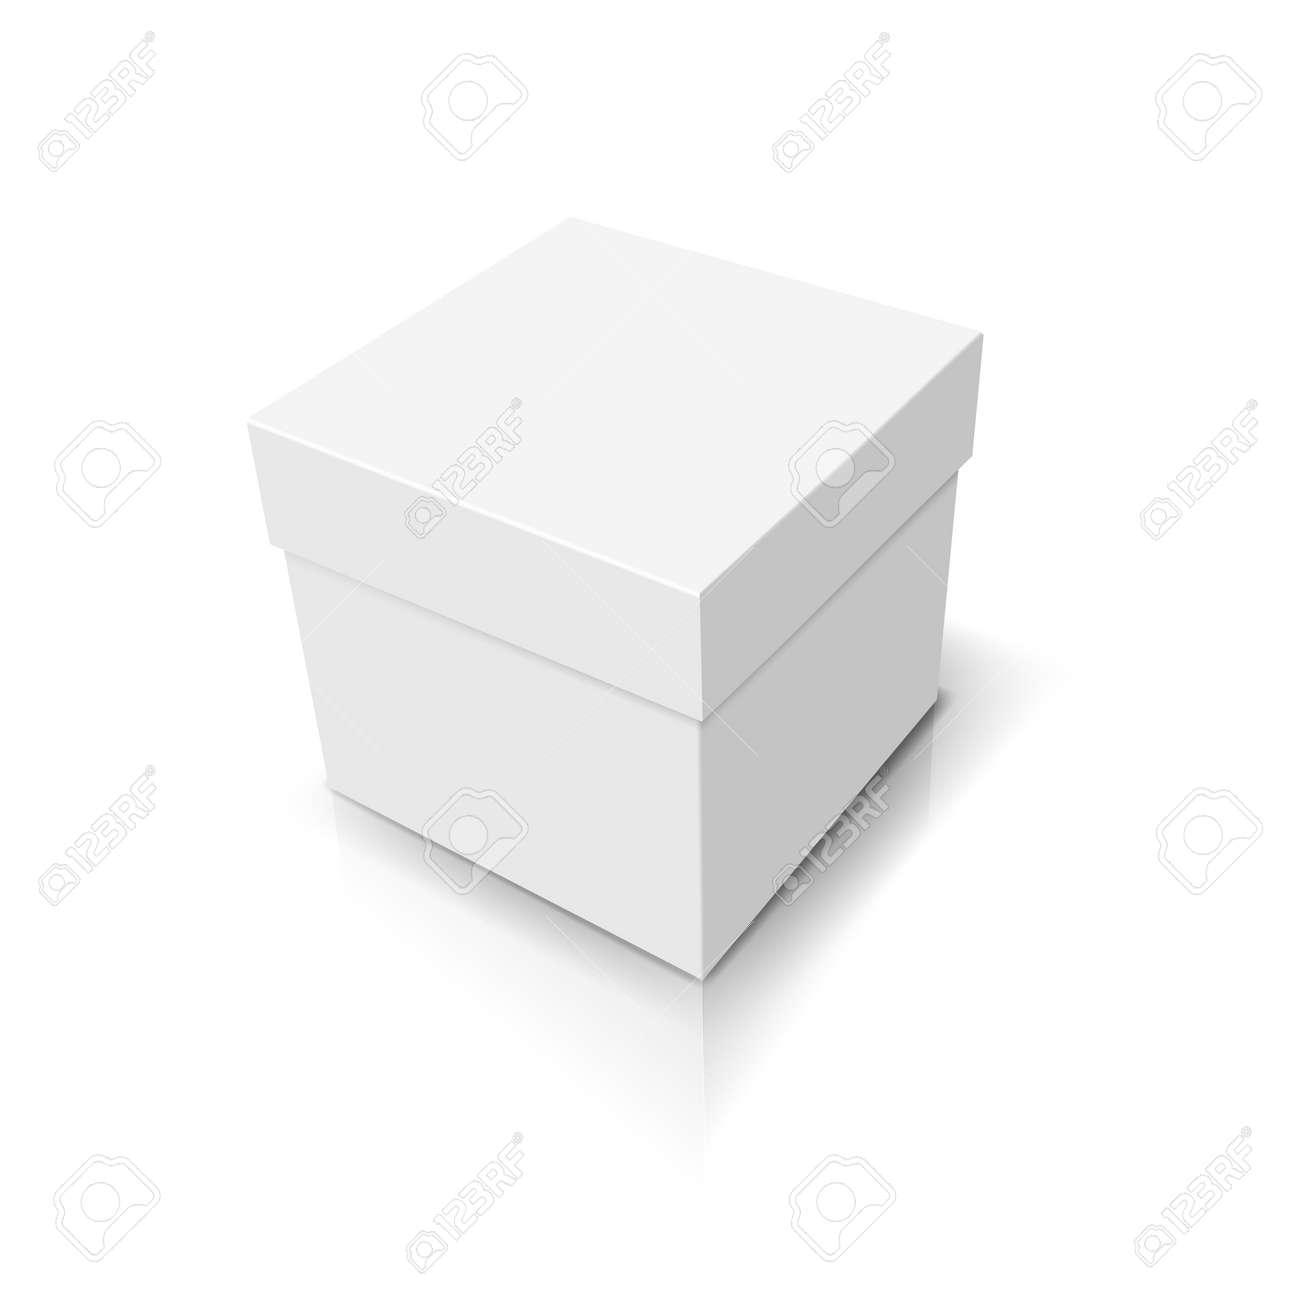 White closed box Stock Vector - 18957075